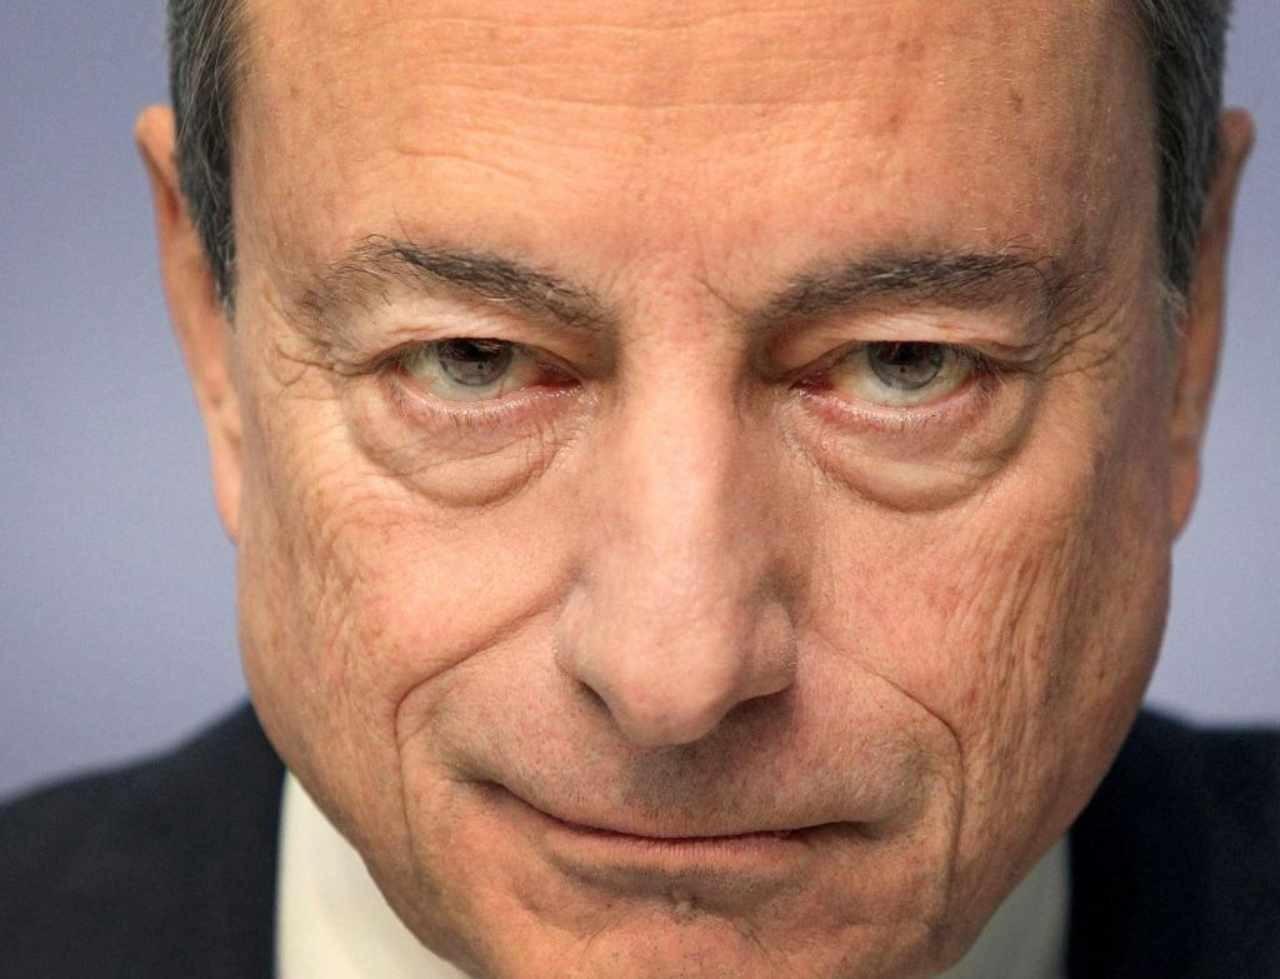 Mario Draghi, un rettiliano al Governo? – Telegraph